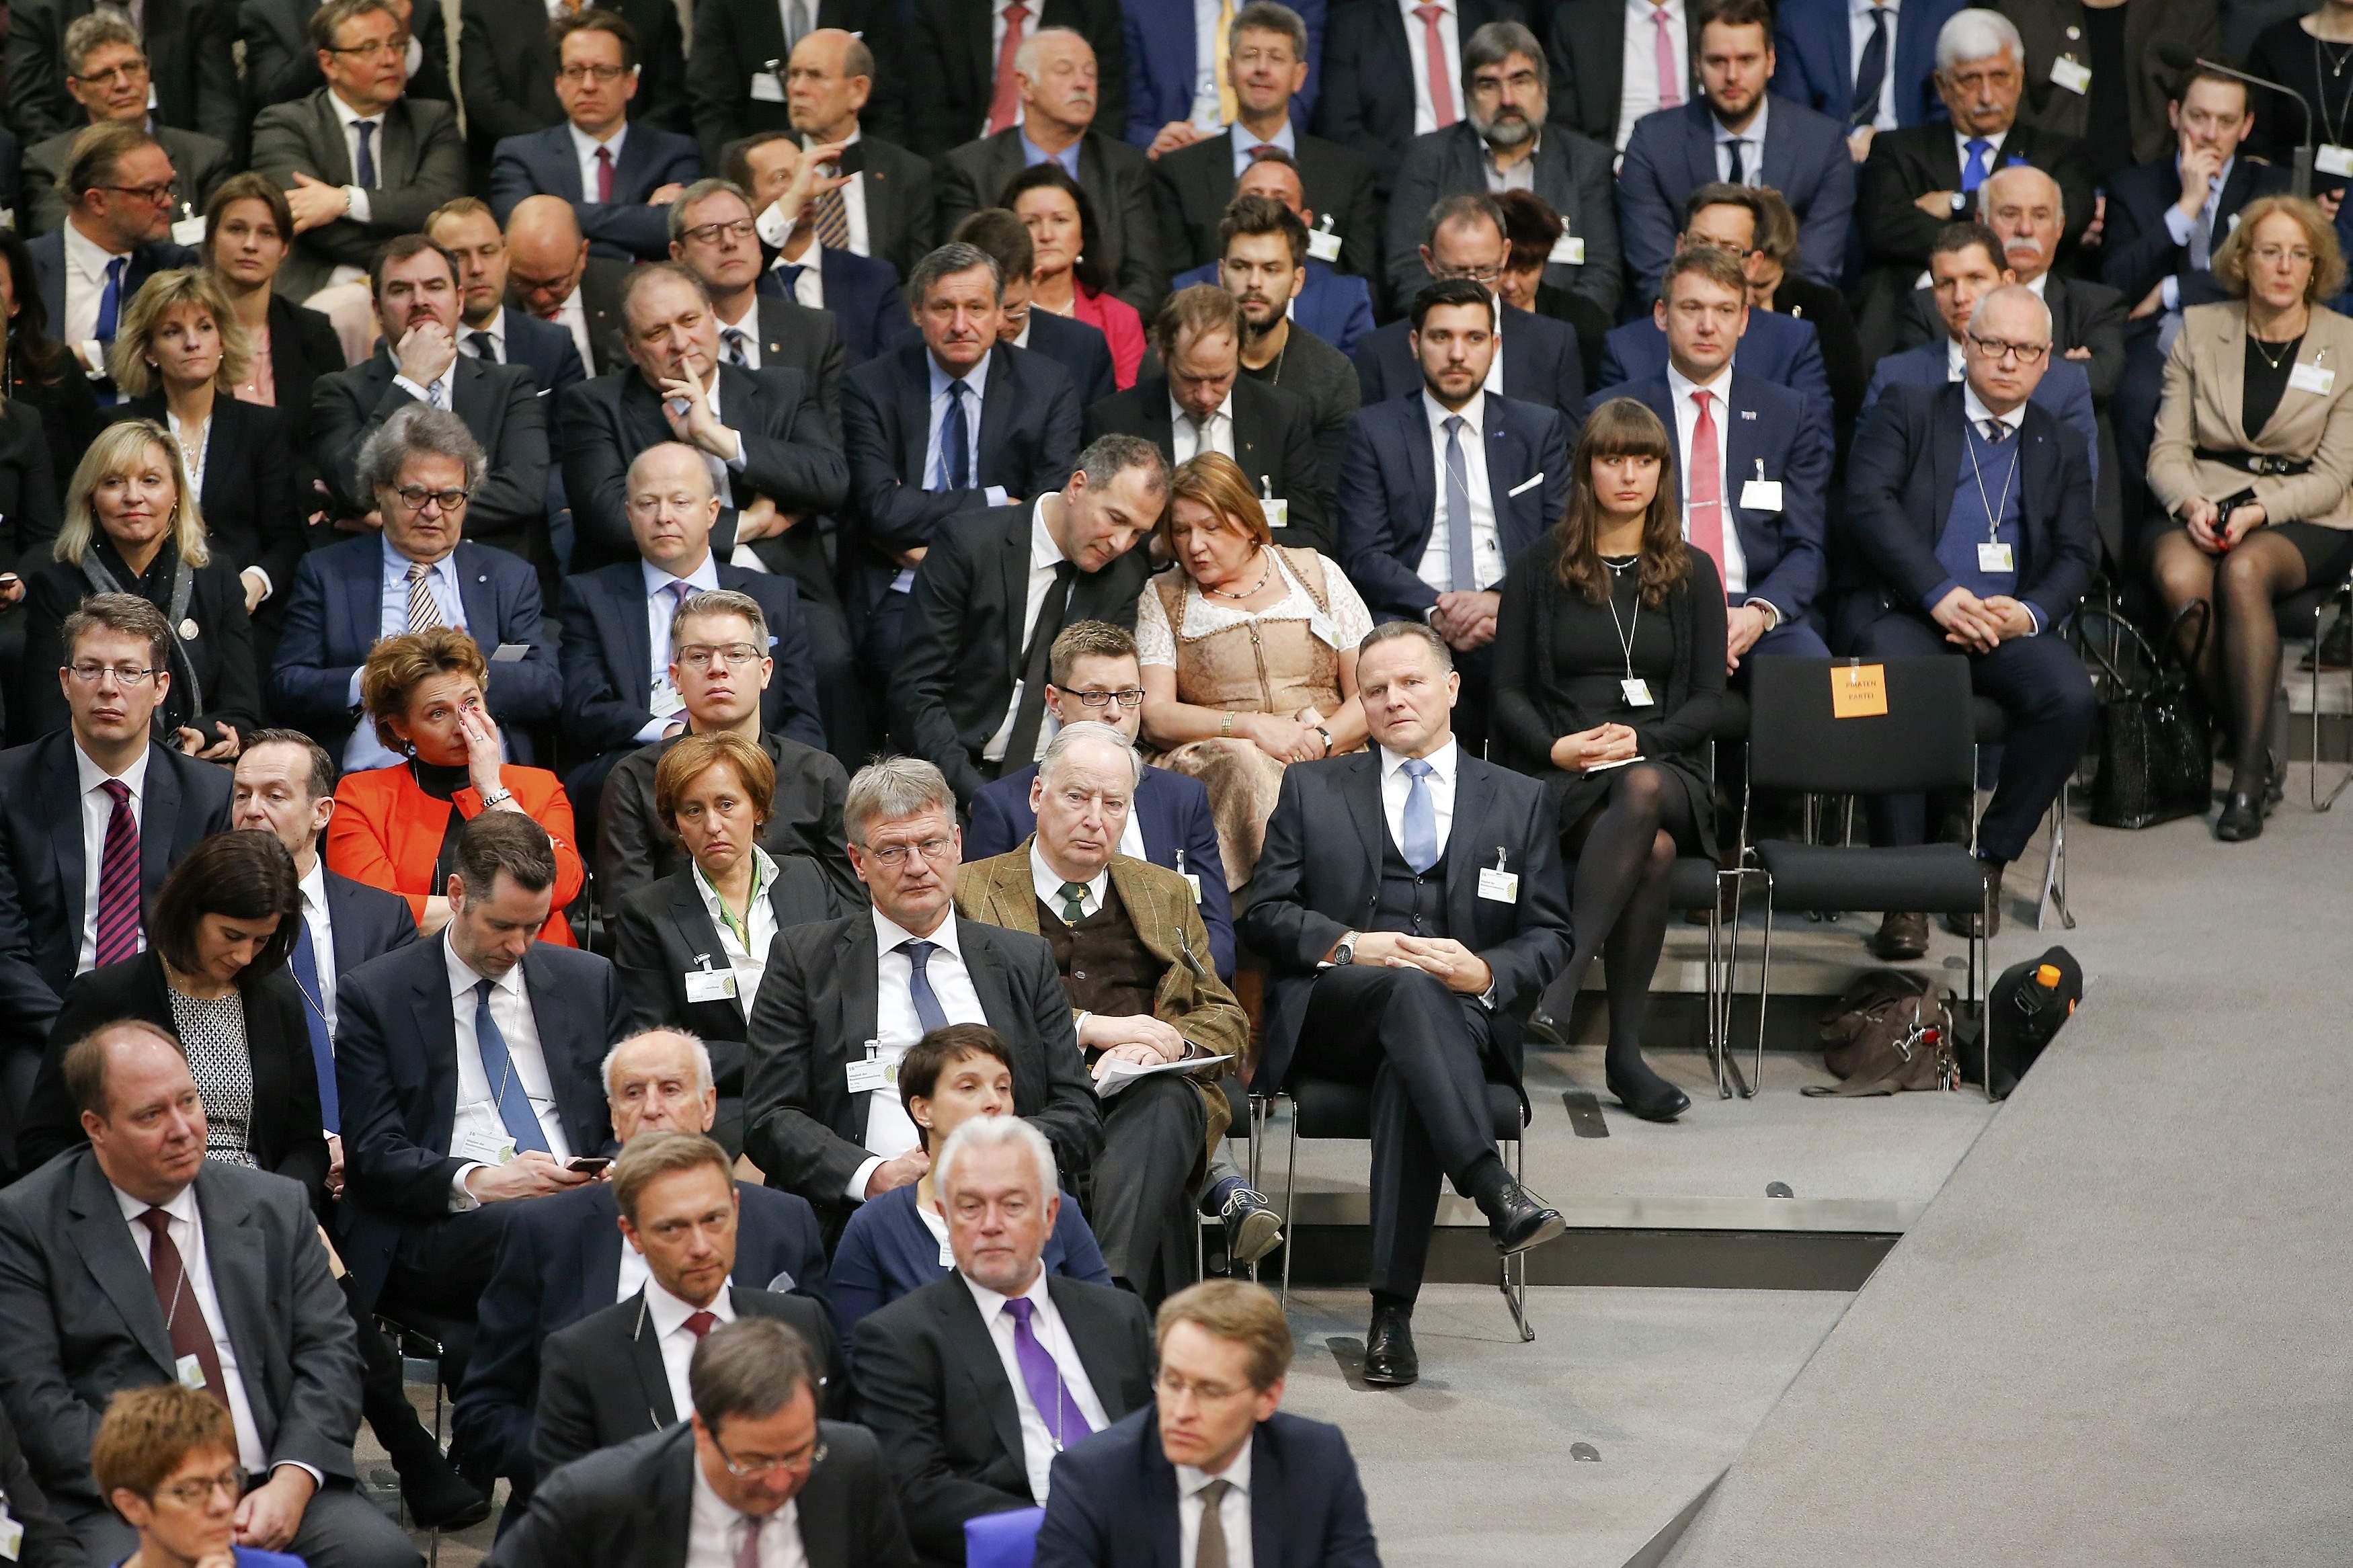 التصويت فى الانتخابات الرئاسية الألمانية داخل البرلمان الألمانى